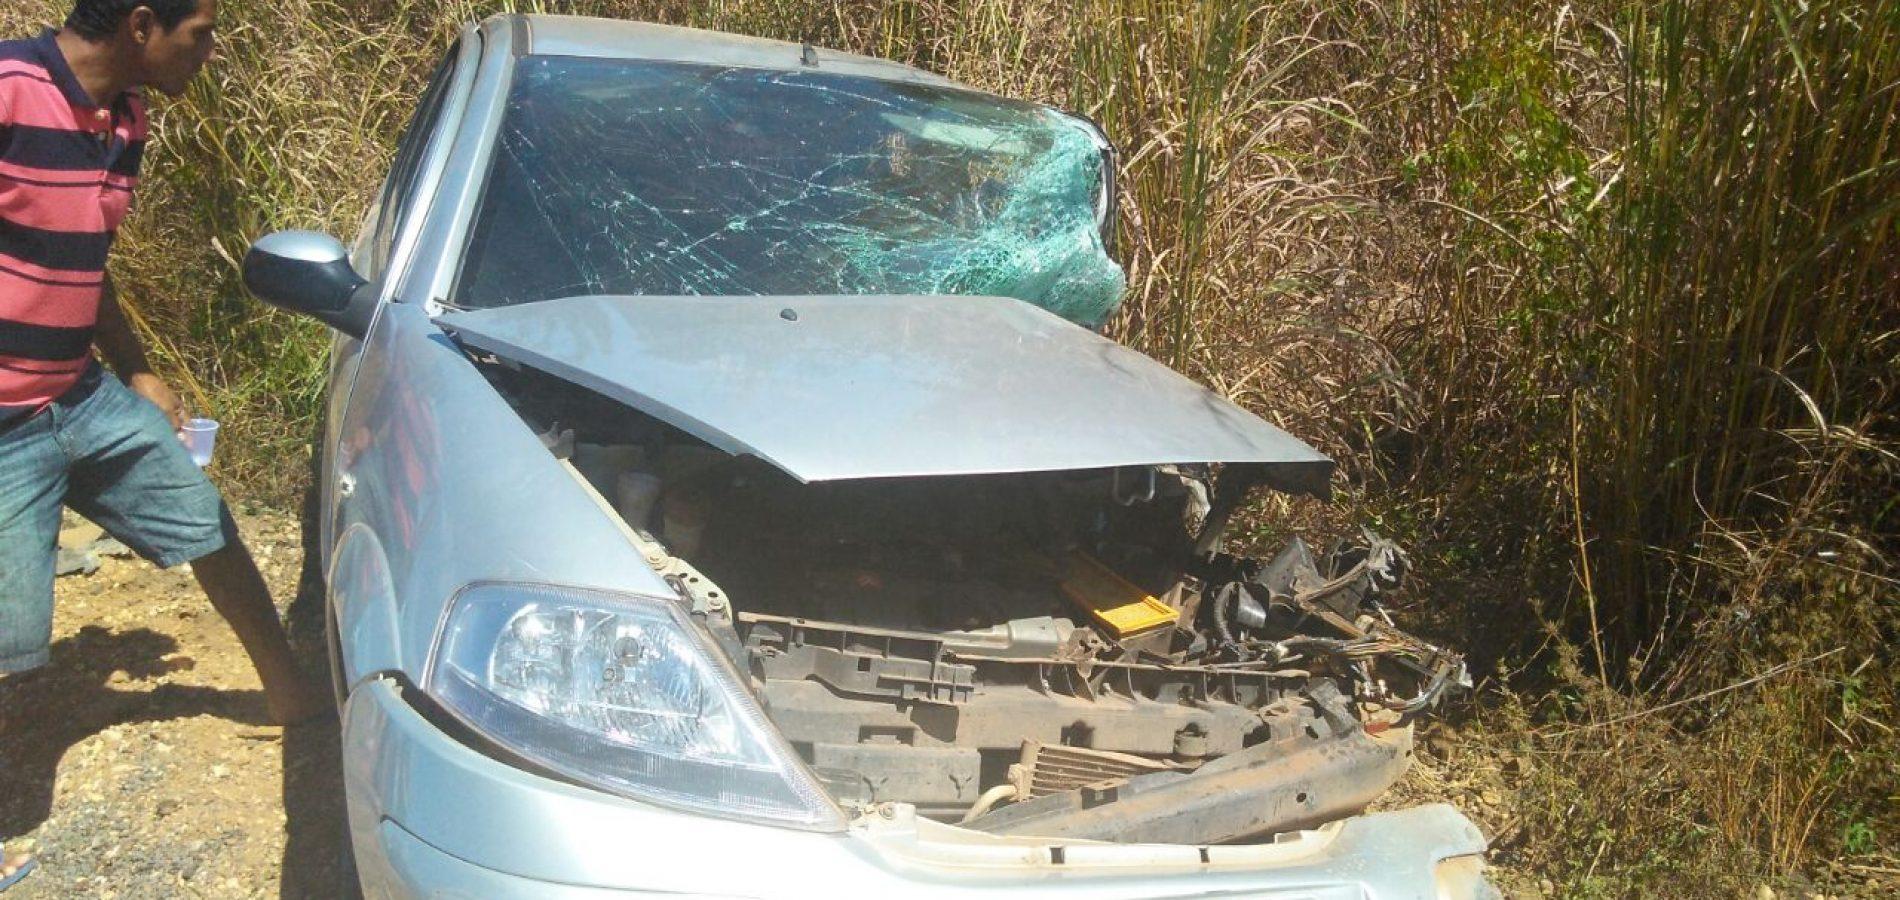 Veículos ficam parcialmente destruídos após colisão na BR 316